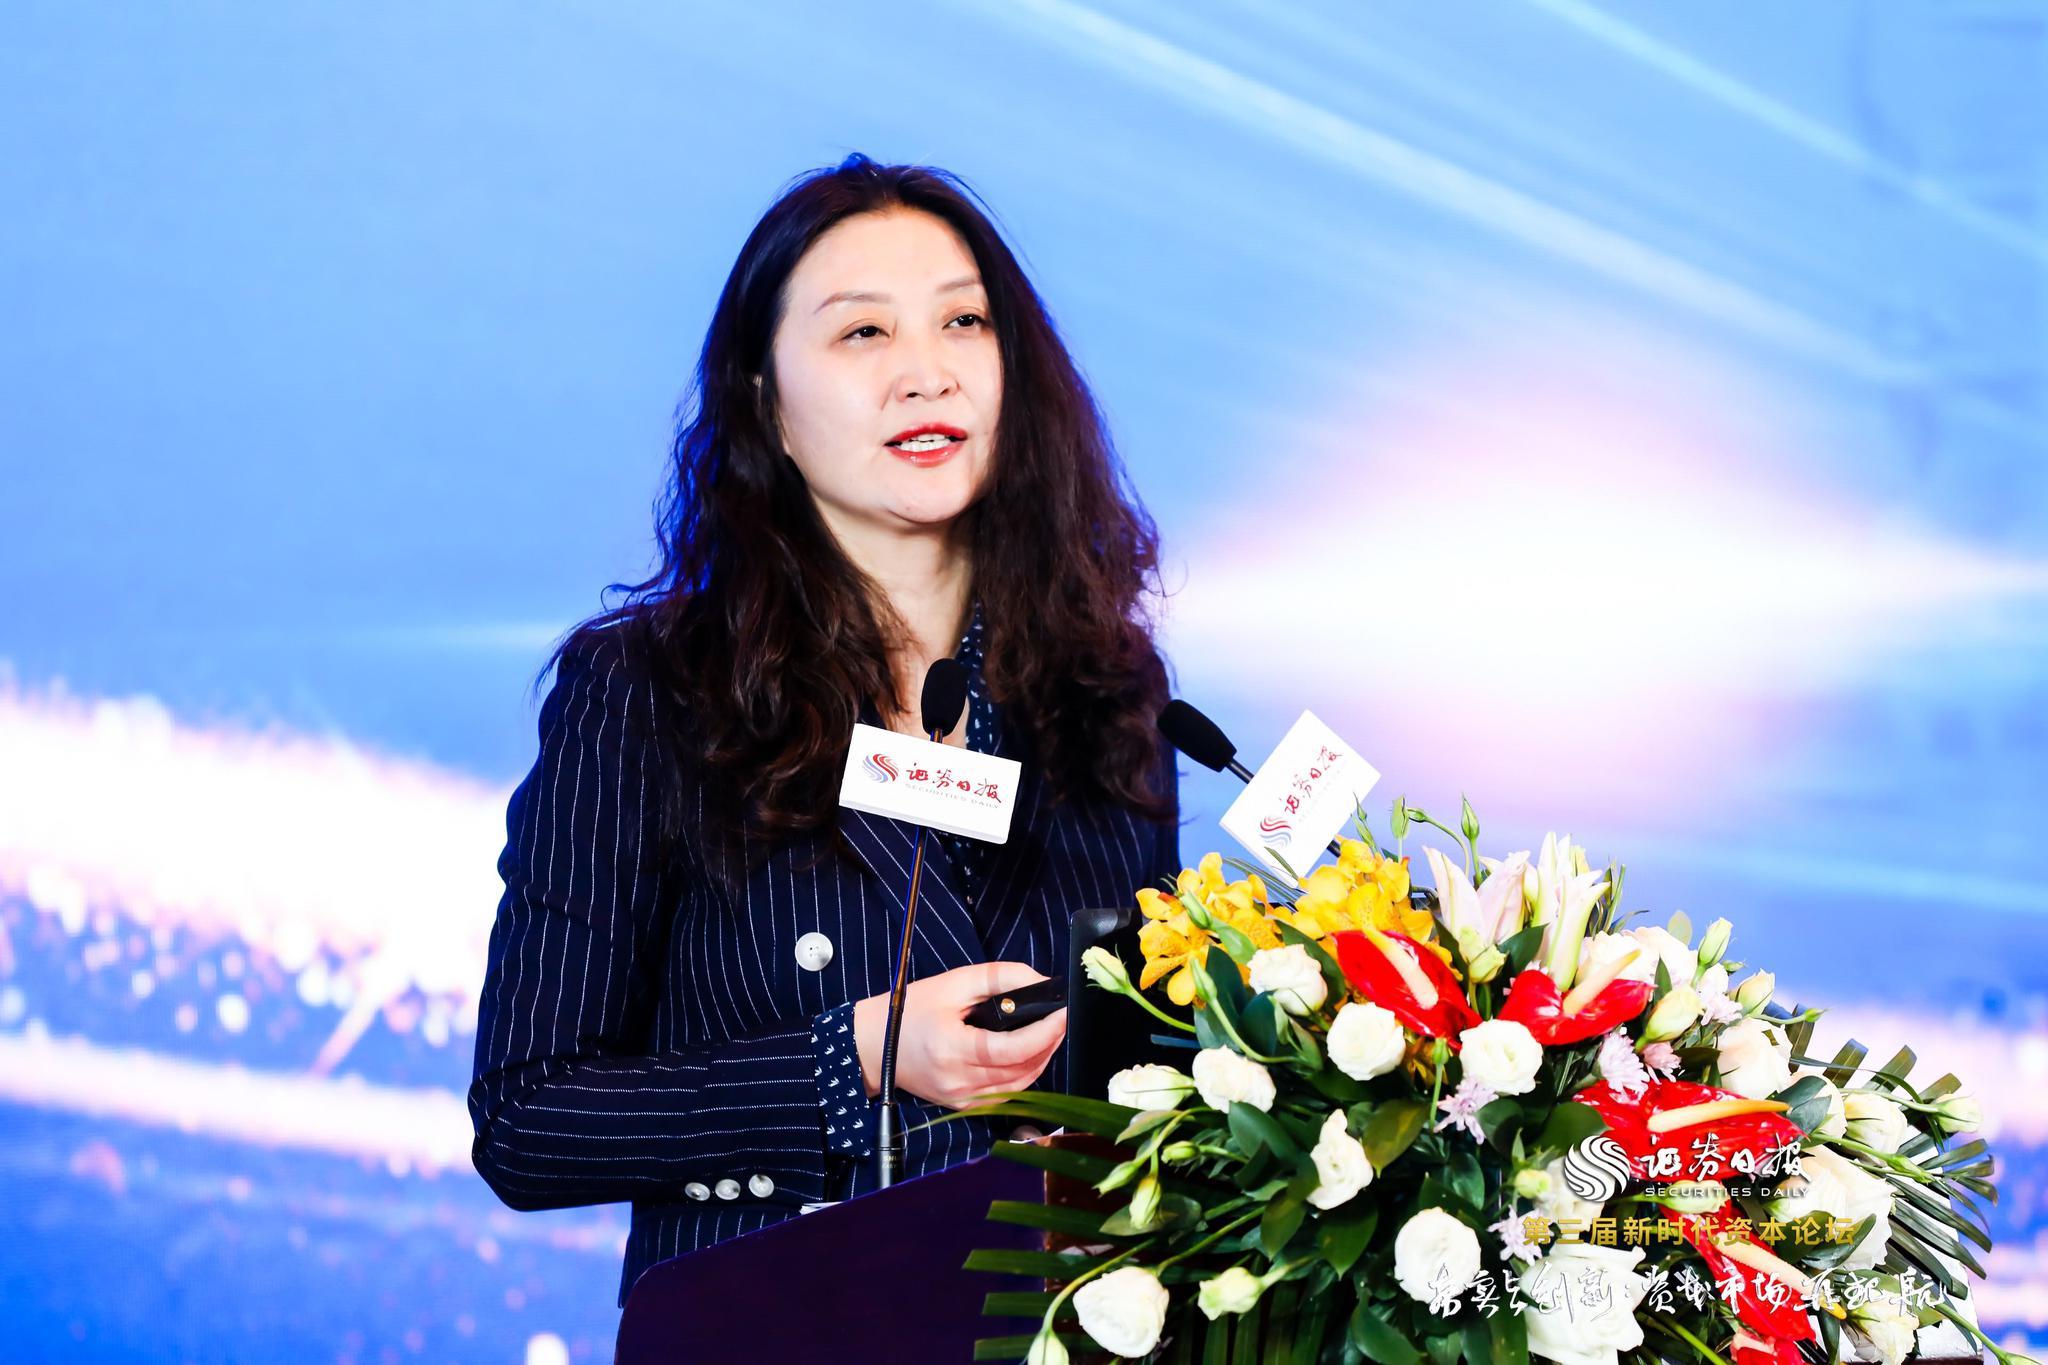 陈春艳:私募行业长期资金供给不足,投资偏好短期化图片